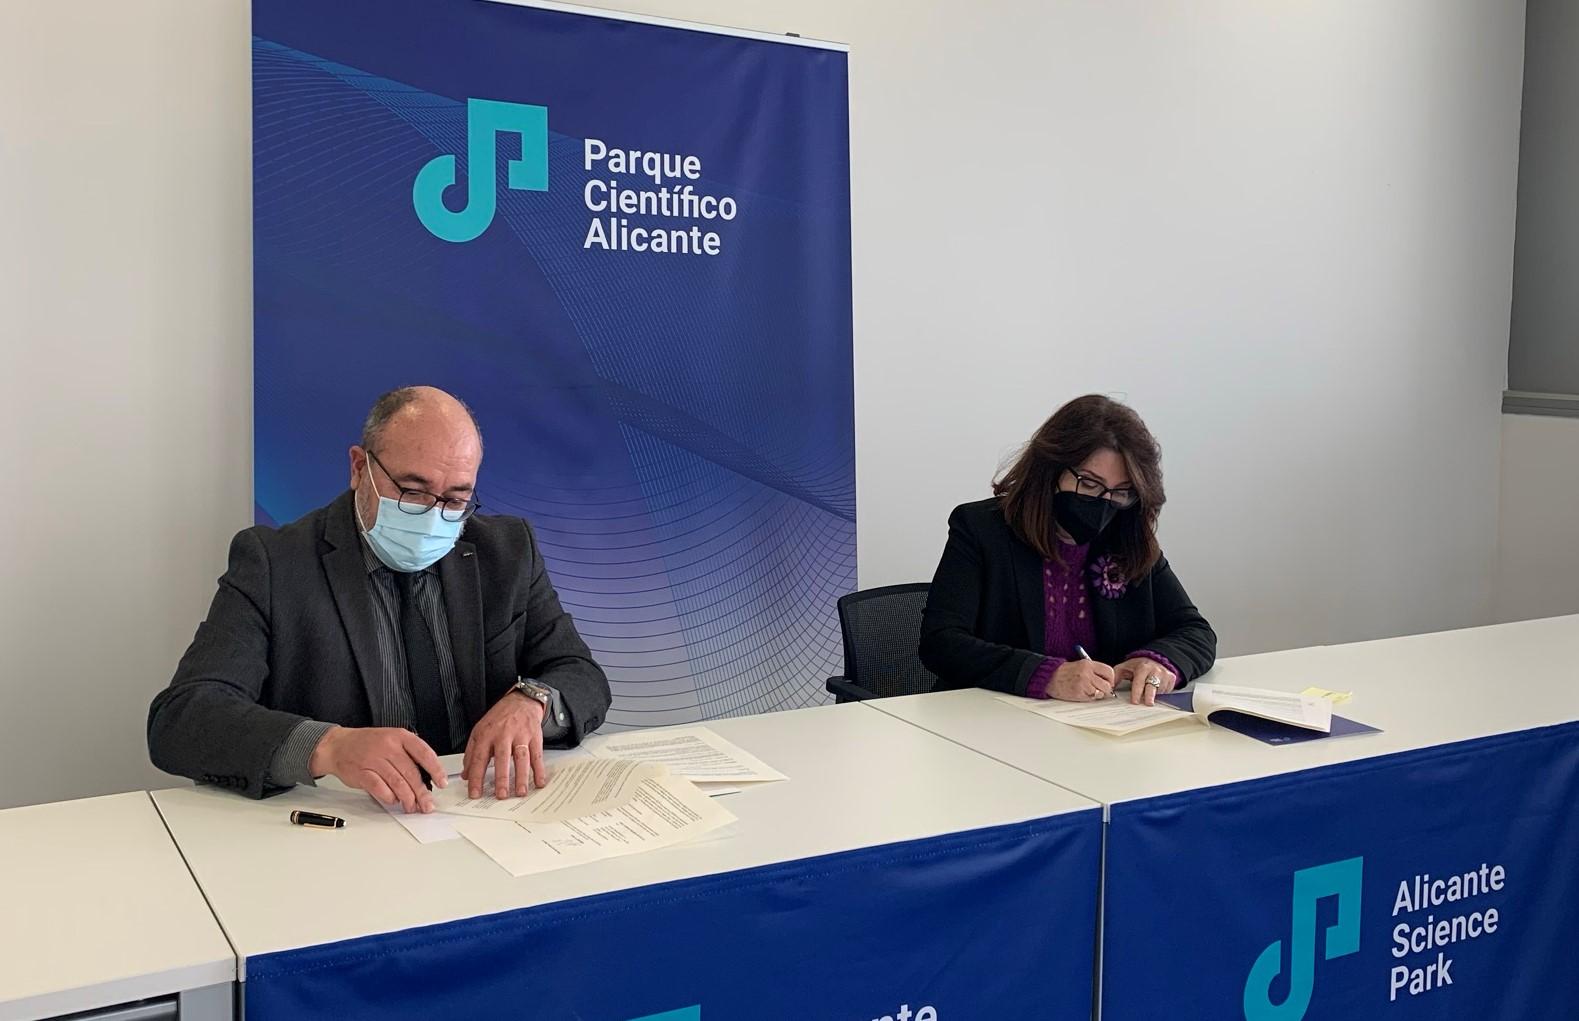 Amparo Navarro, rectora de la Universidad de Alicante (UA) y presidenta de la Fundación Parque Científico de Alicante (PCA) y Pablo Escribá, CEO de Laminar Pharmaceuticals, S.A., firman el contrato.